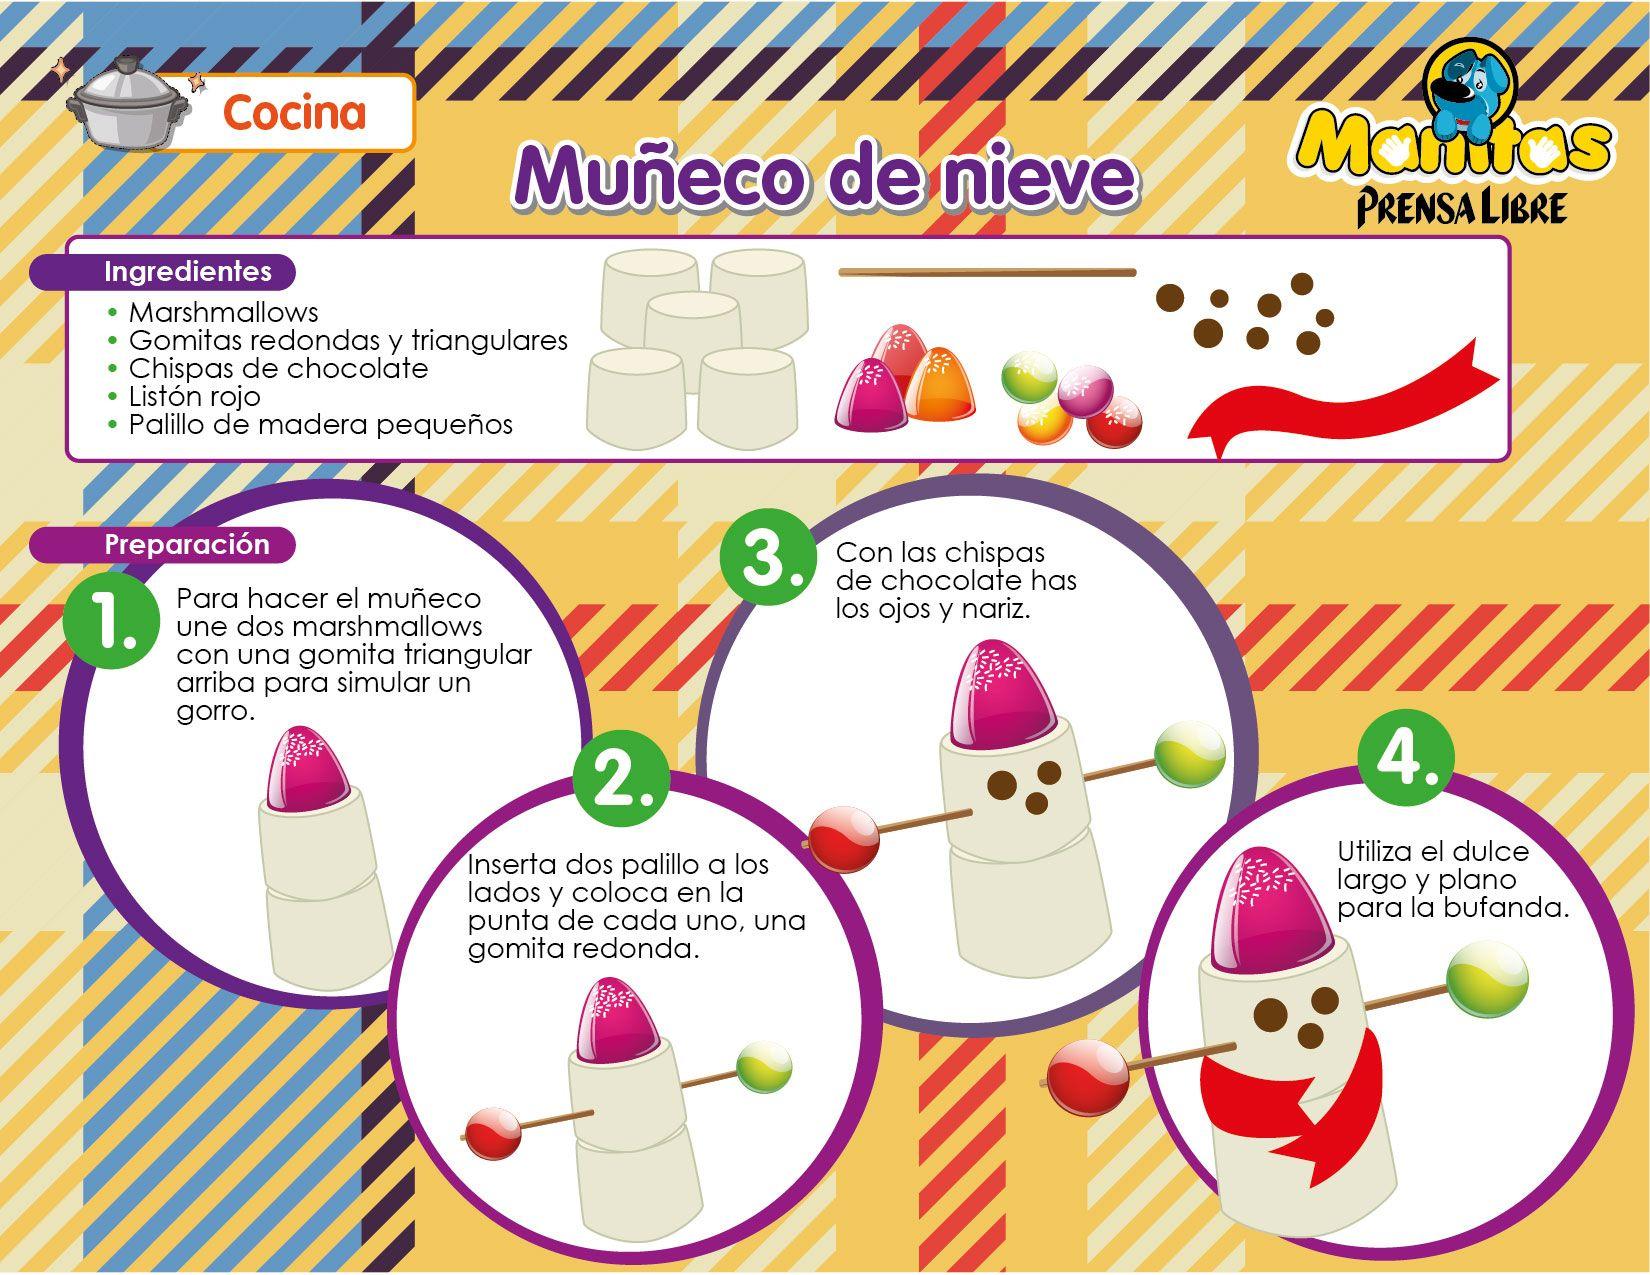 Angelitos De Nieve Hago Mi Tareahago Mi Tarea Recetas Faciles Para Niños Recetas Divertidas Para Niños Recetas De Cocina Para Niños